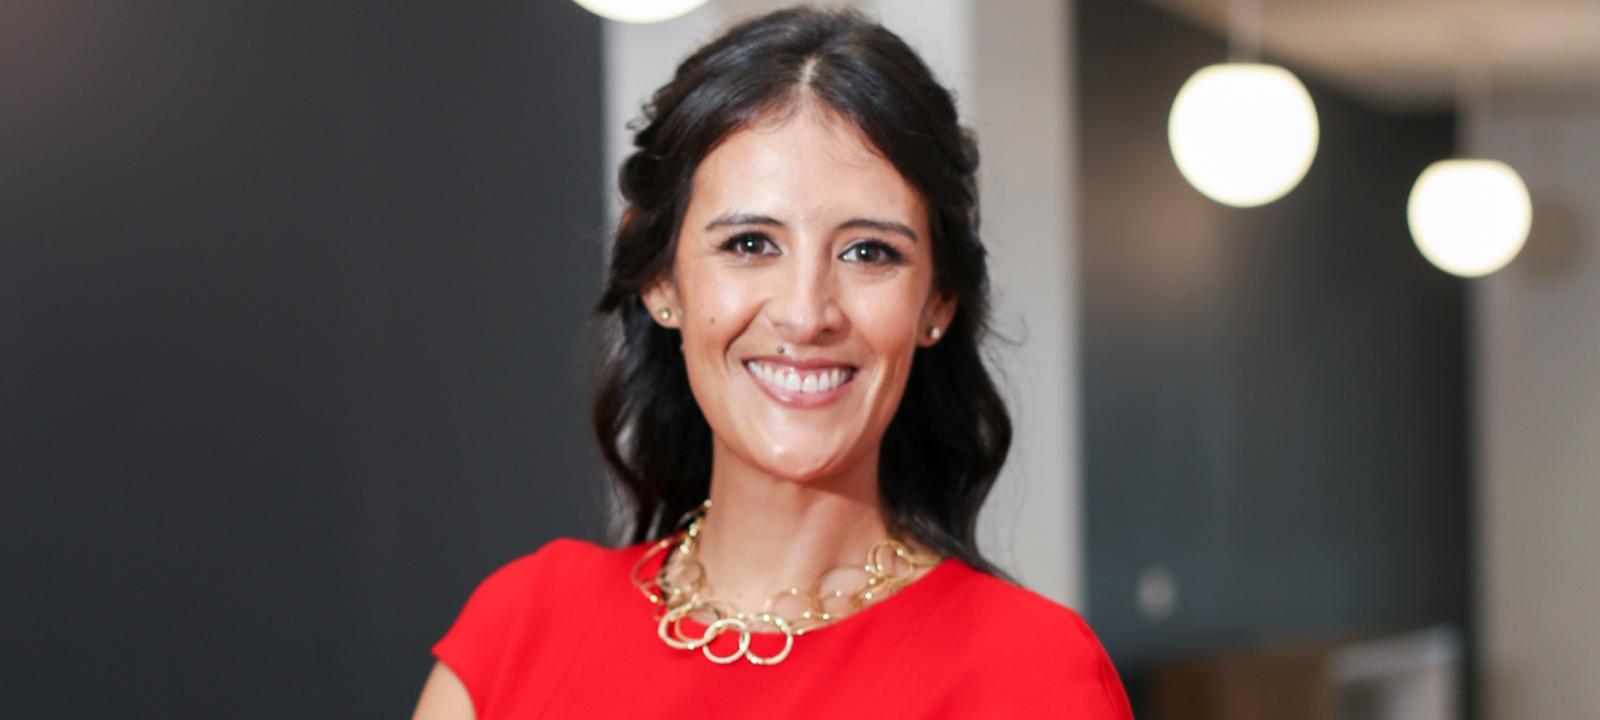 Marcela Giraldo, ingeniera industrial uniandina, será la nueva presidente de Colfondos